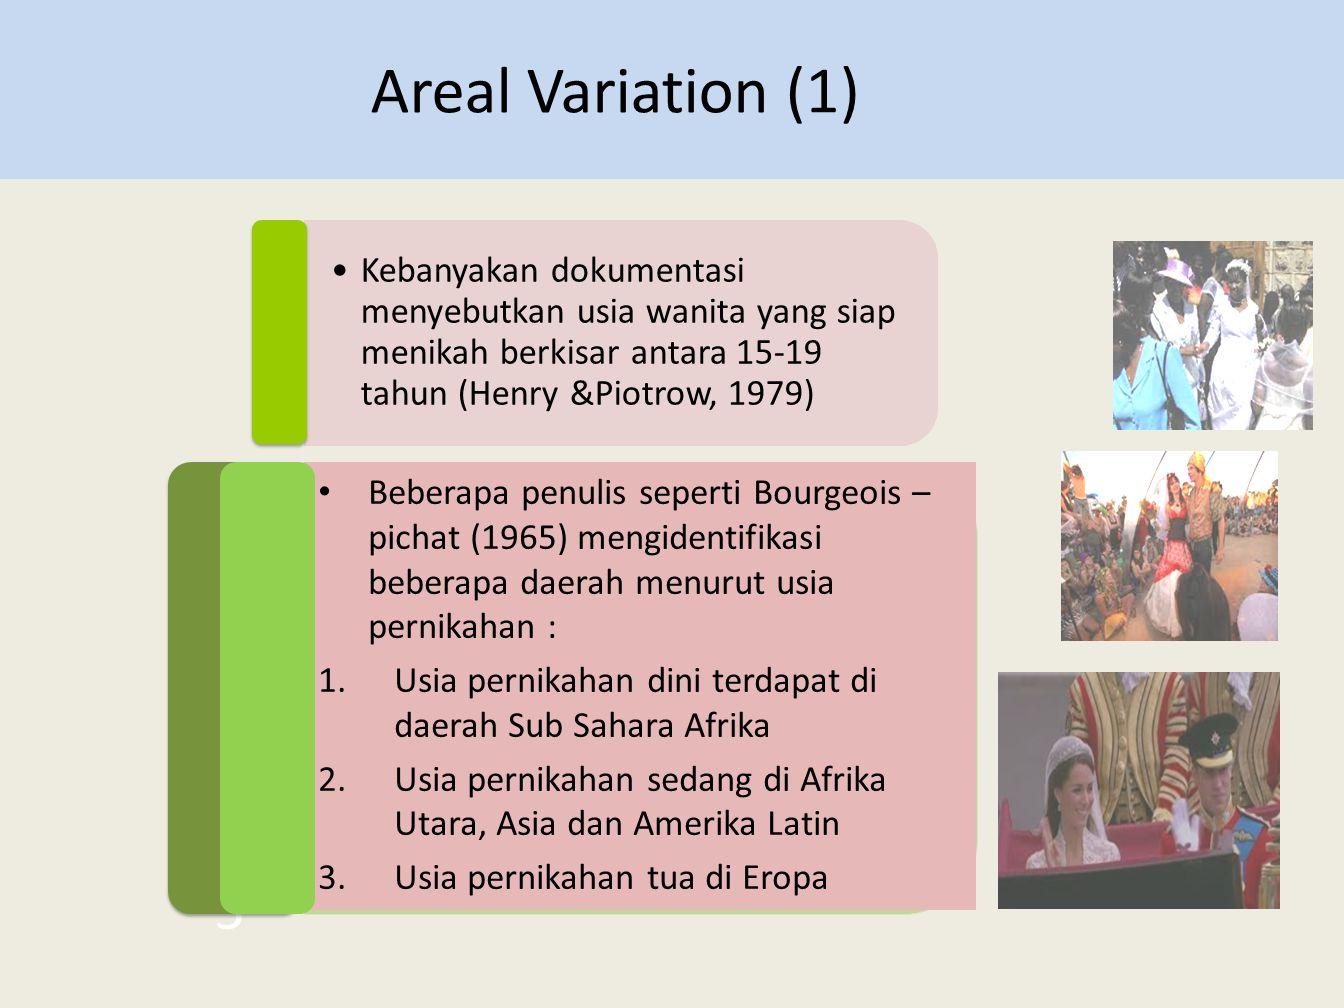 Areal Variation (1) Kebanyakan dokumentasi menyebutkan usia wanita yang siap menikah berkisar antara 15-19 tahun (Henry &Piotrow, 1979)